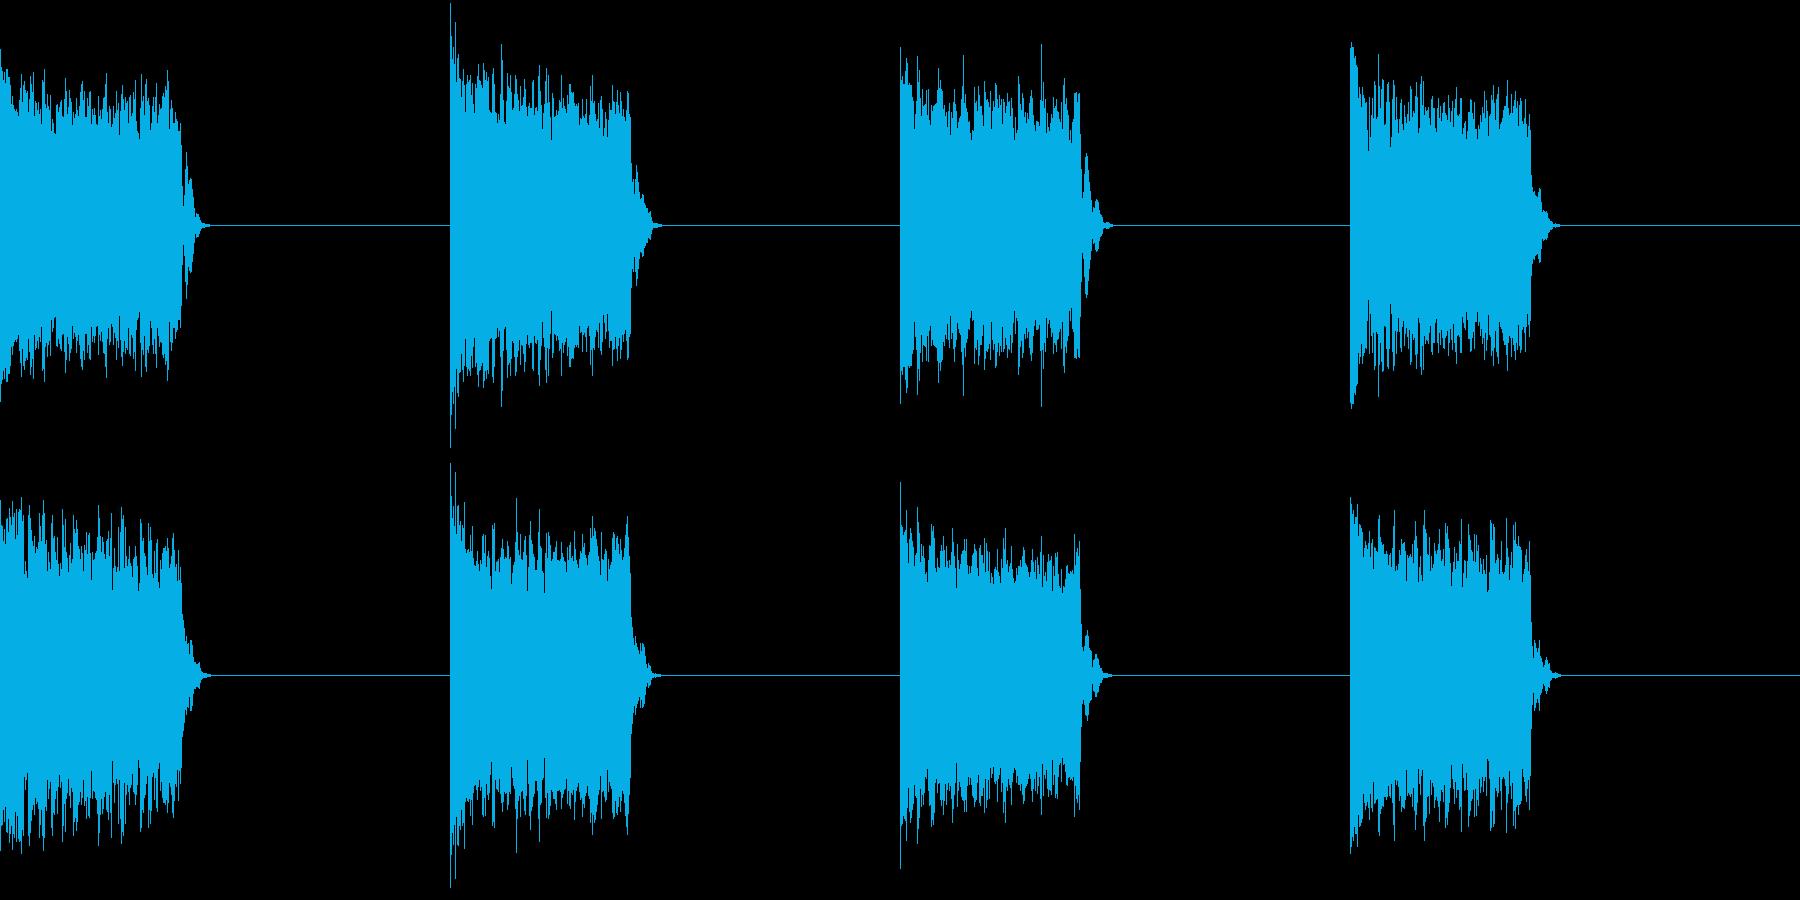 電話 呼び出し音 一般固定電話 故障気味の再生済みの波形